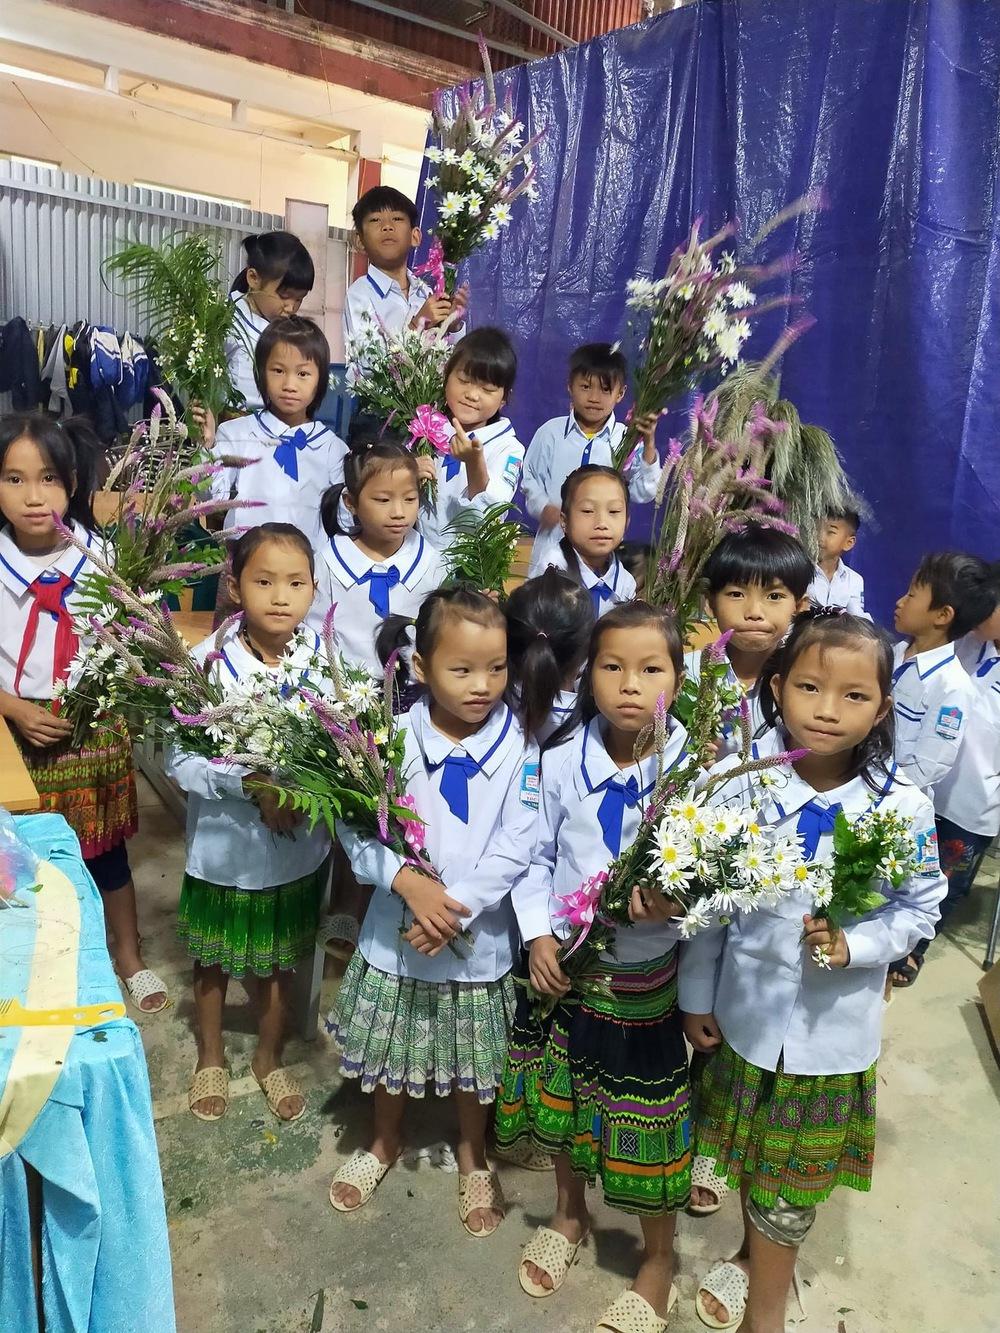 Món quà đẹp nhất của học sinh ngày 20/11 khiến cô giáo vùng cao vừa nhận đã rơi nước mắt - Ảnh 2.